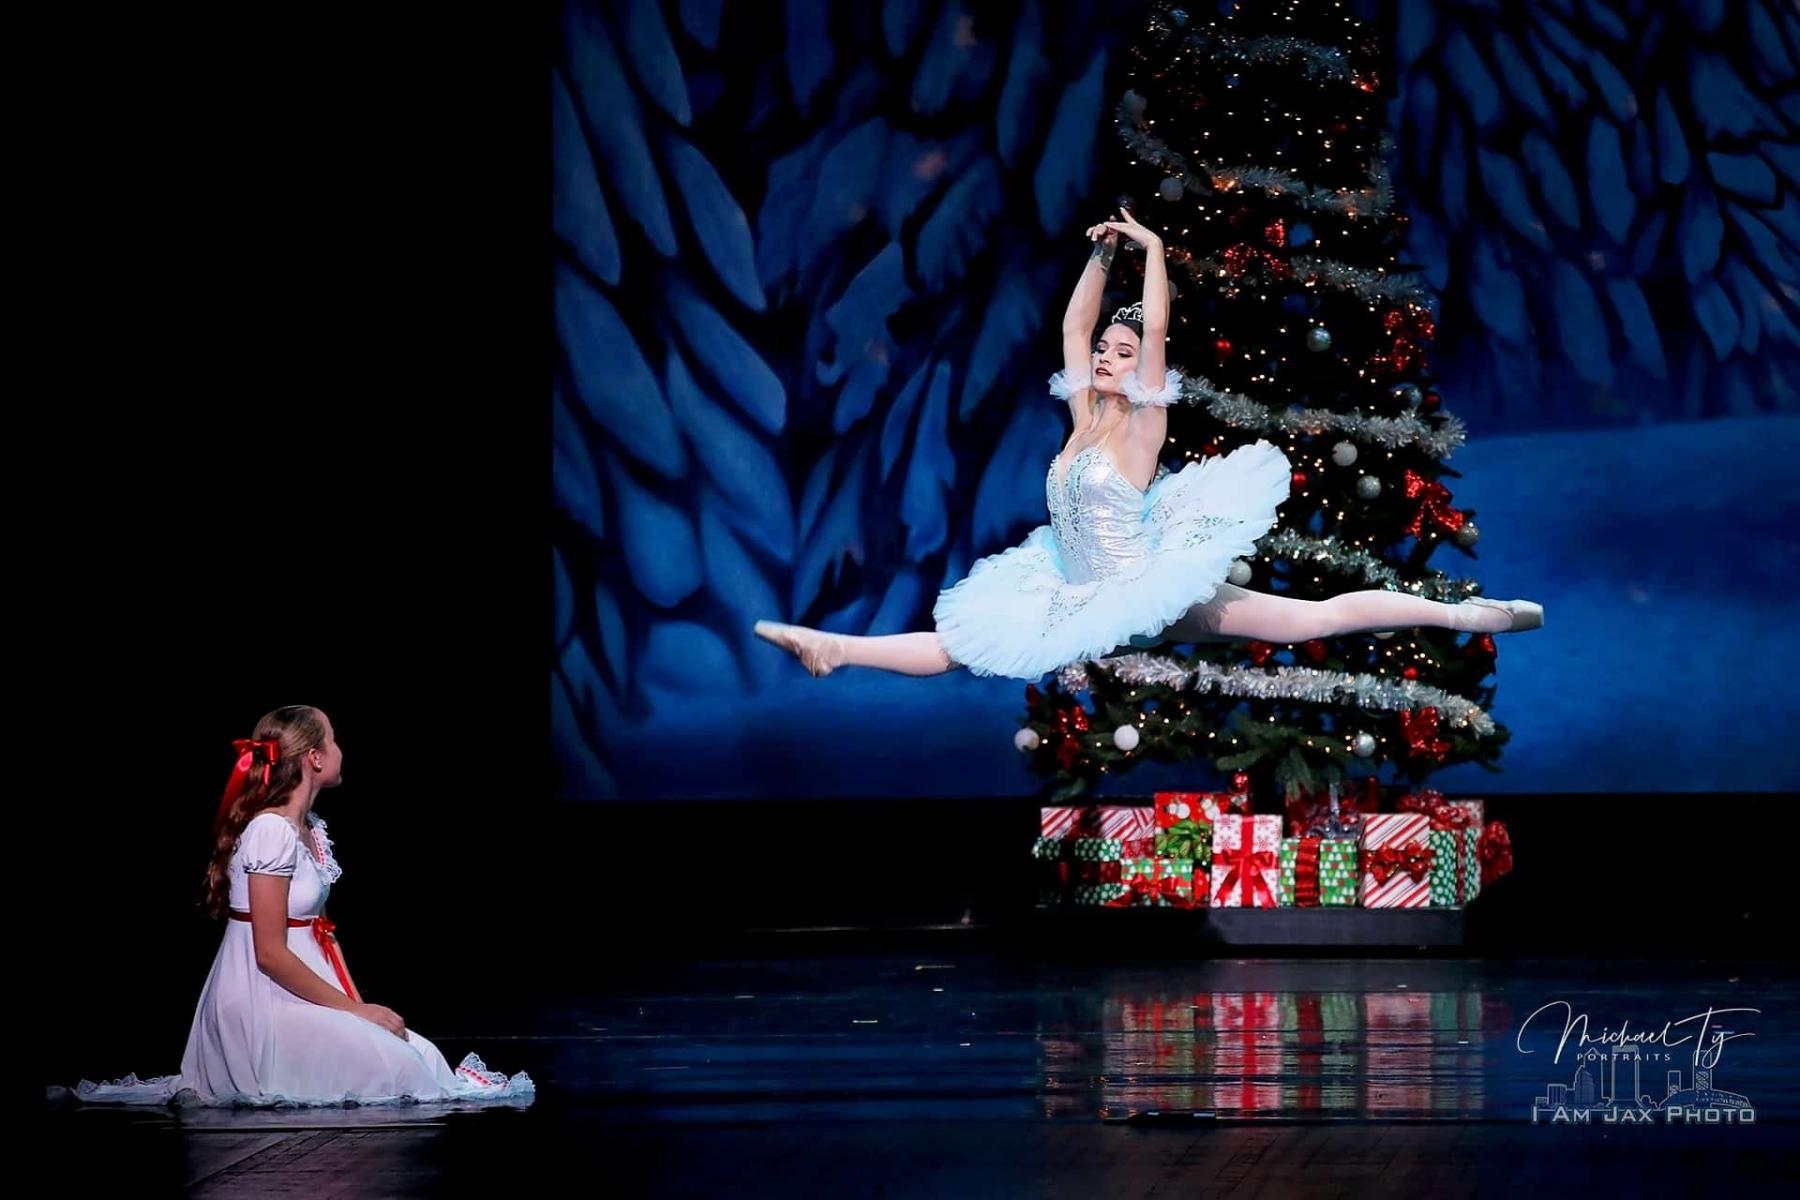 Dance Recital Performance - Ballet Arts Center